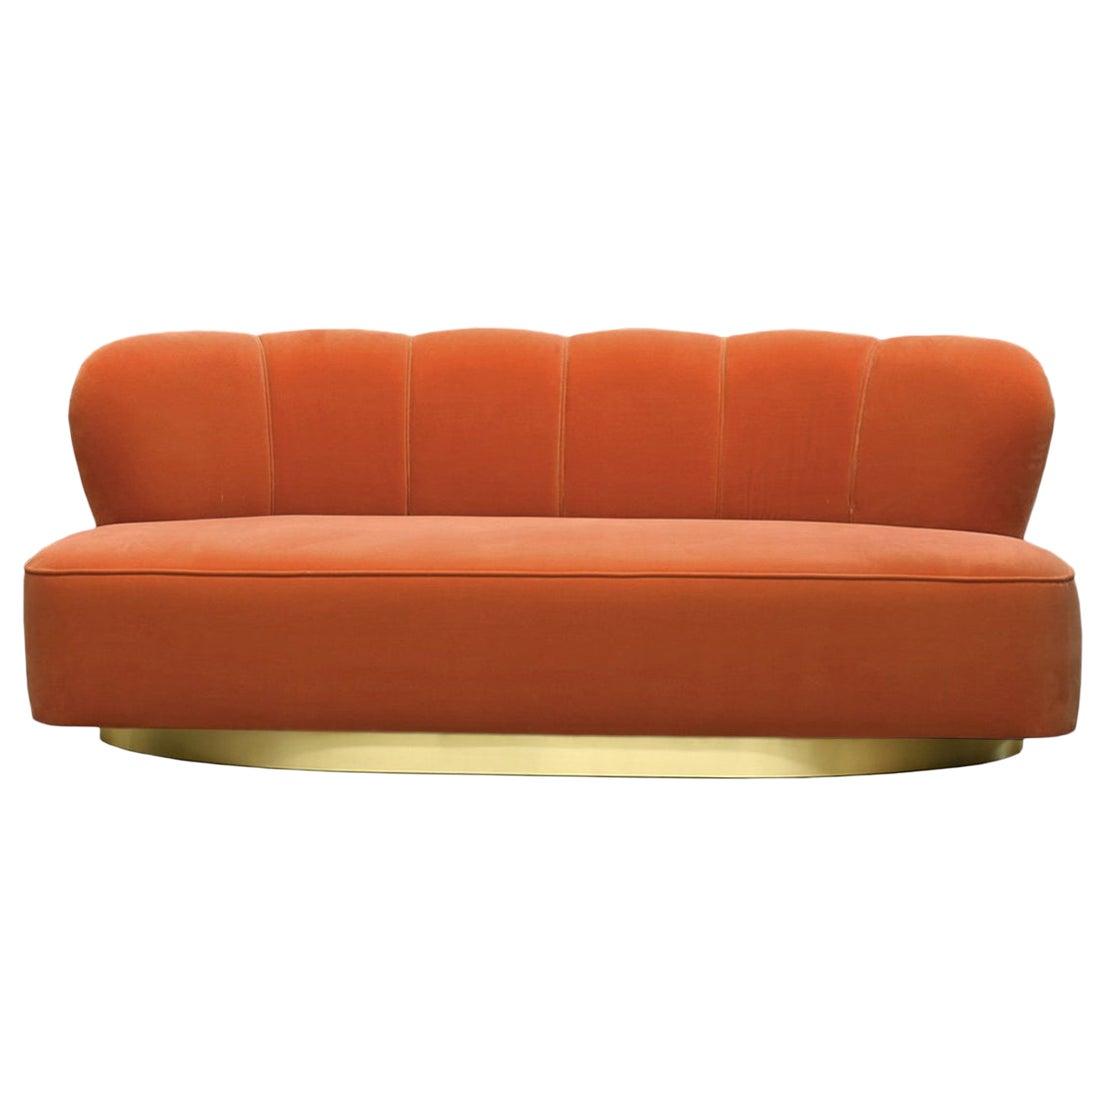 Art Deco Style Orange Velvet and Brass Base Loveseat Sofa Monti